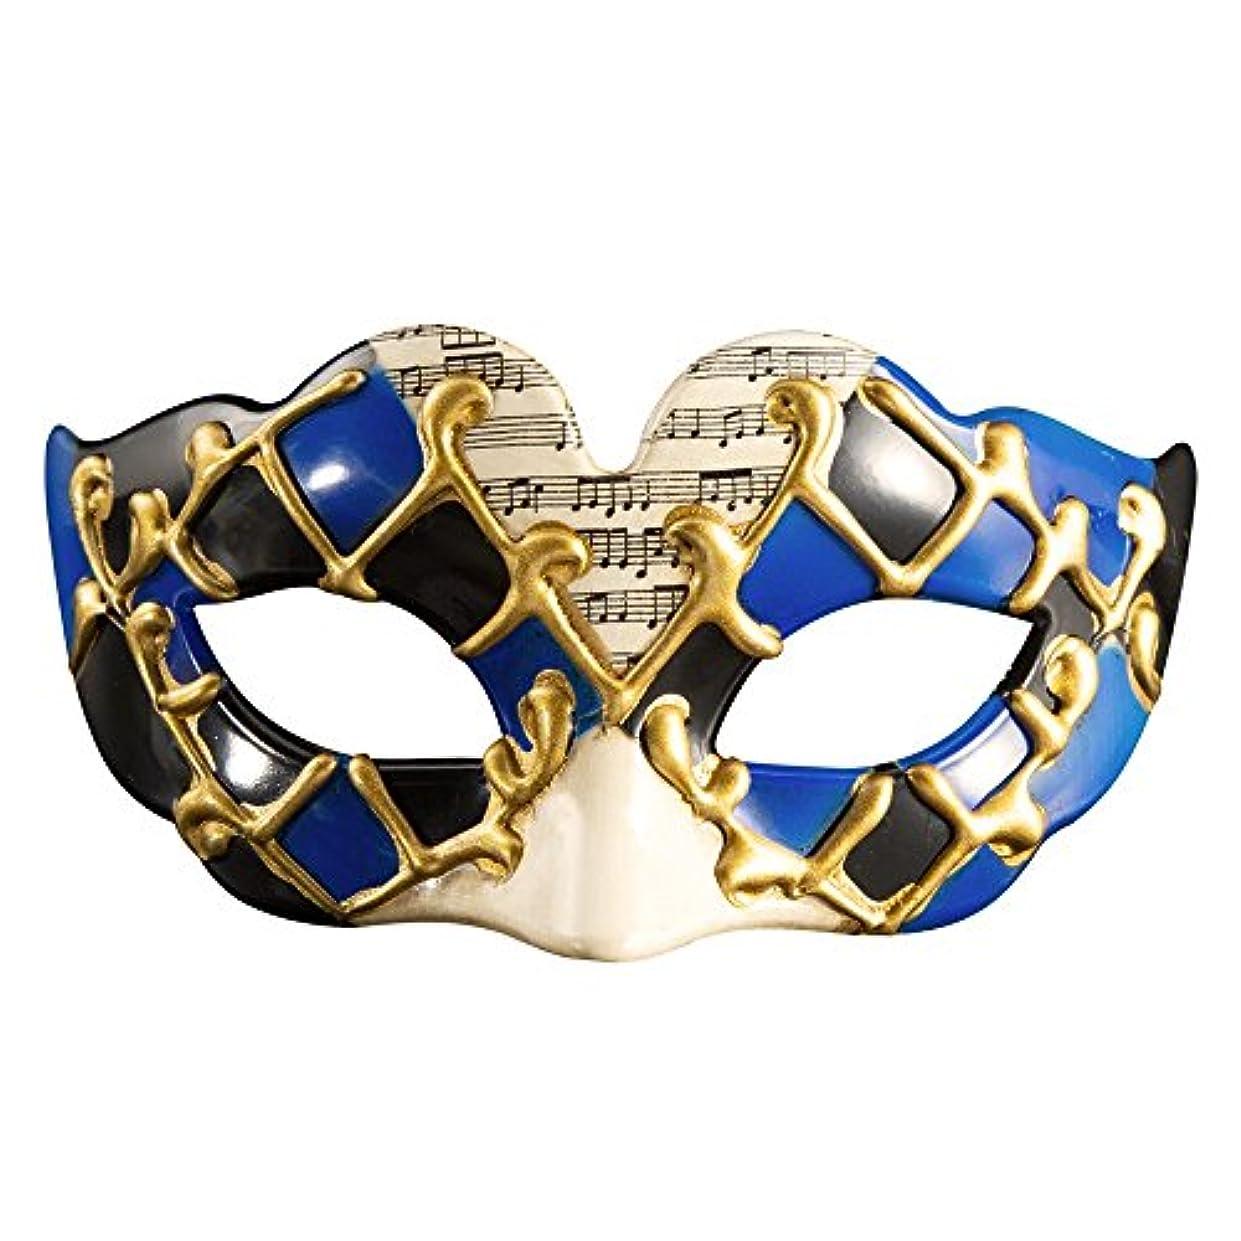 銅反映する賞クリエイティブ子供の半分の顔ハロウィーンマスクパーティー新しいファンシードレスボールマスク (Color : A)